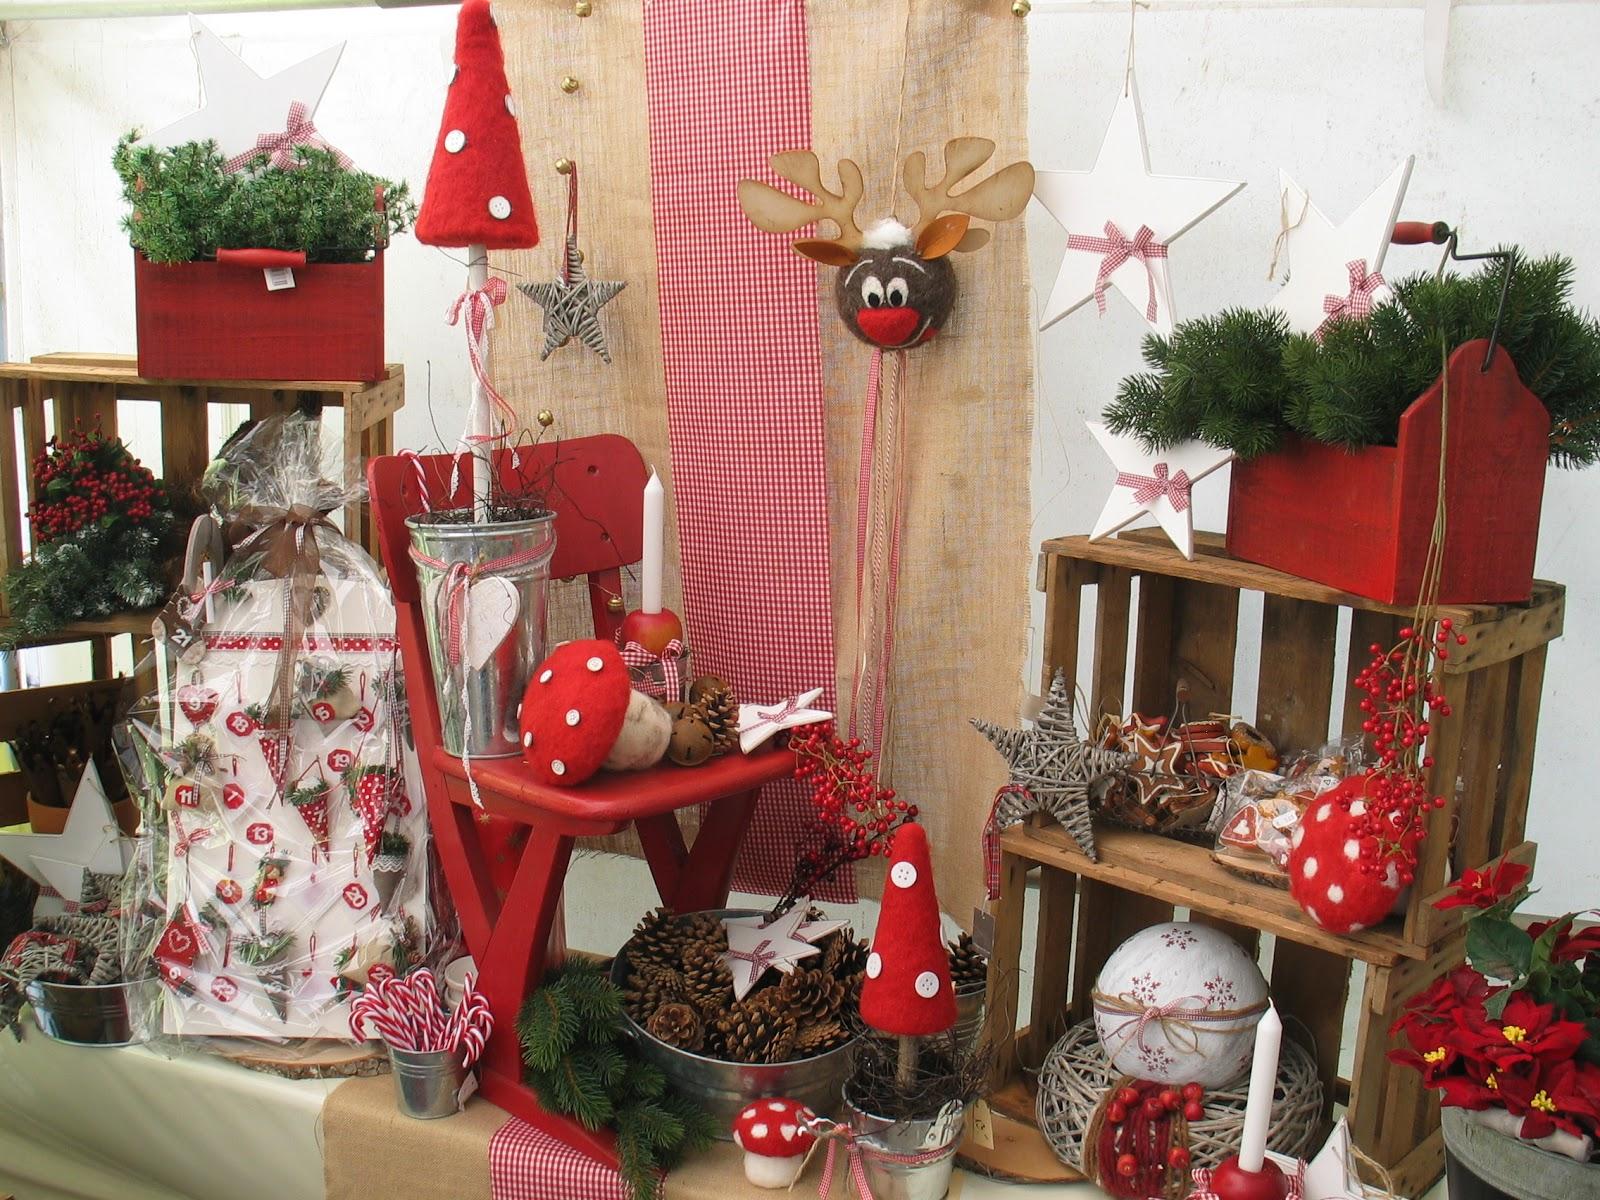 basteln macht gl cklich weihnachtsdeko selbst gebastelt weihnachtstrends 2012. Black Bedroom Furniture Sets. Home Design Ideas